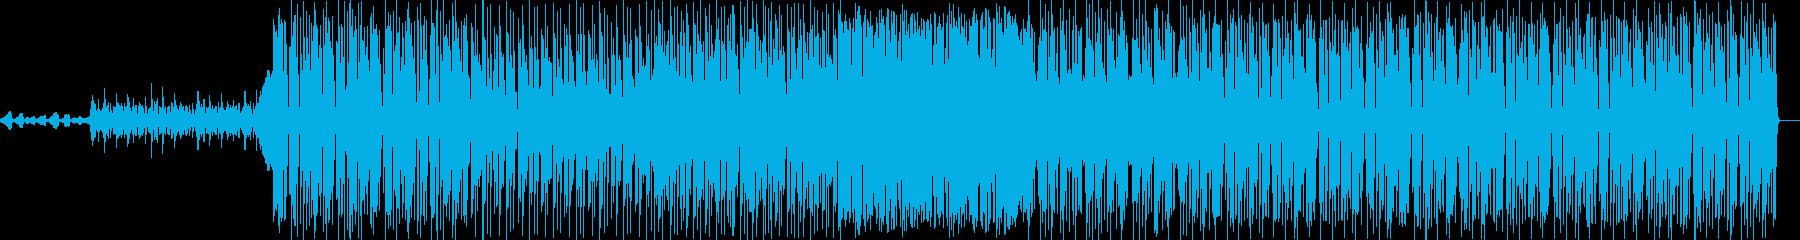 オーケストラとエレクトロニカの再生済みの波形